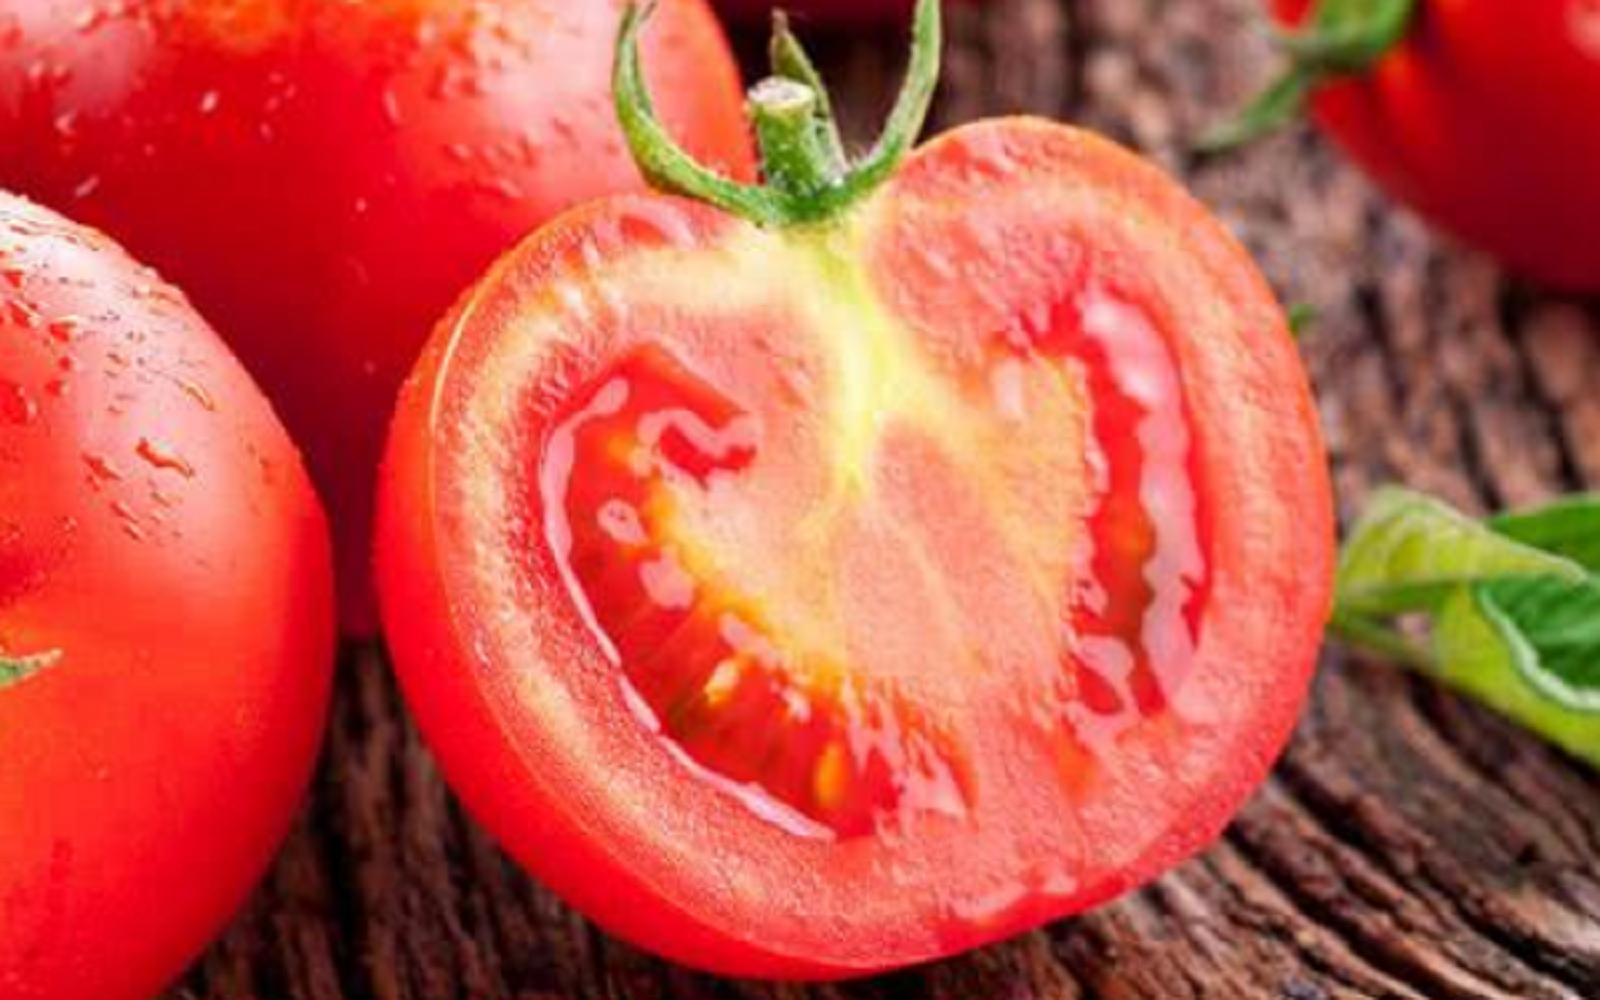 原创美容养颜的最佳食疗蔬菜,番茄的功效究竟有哪些?